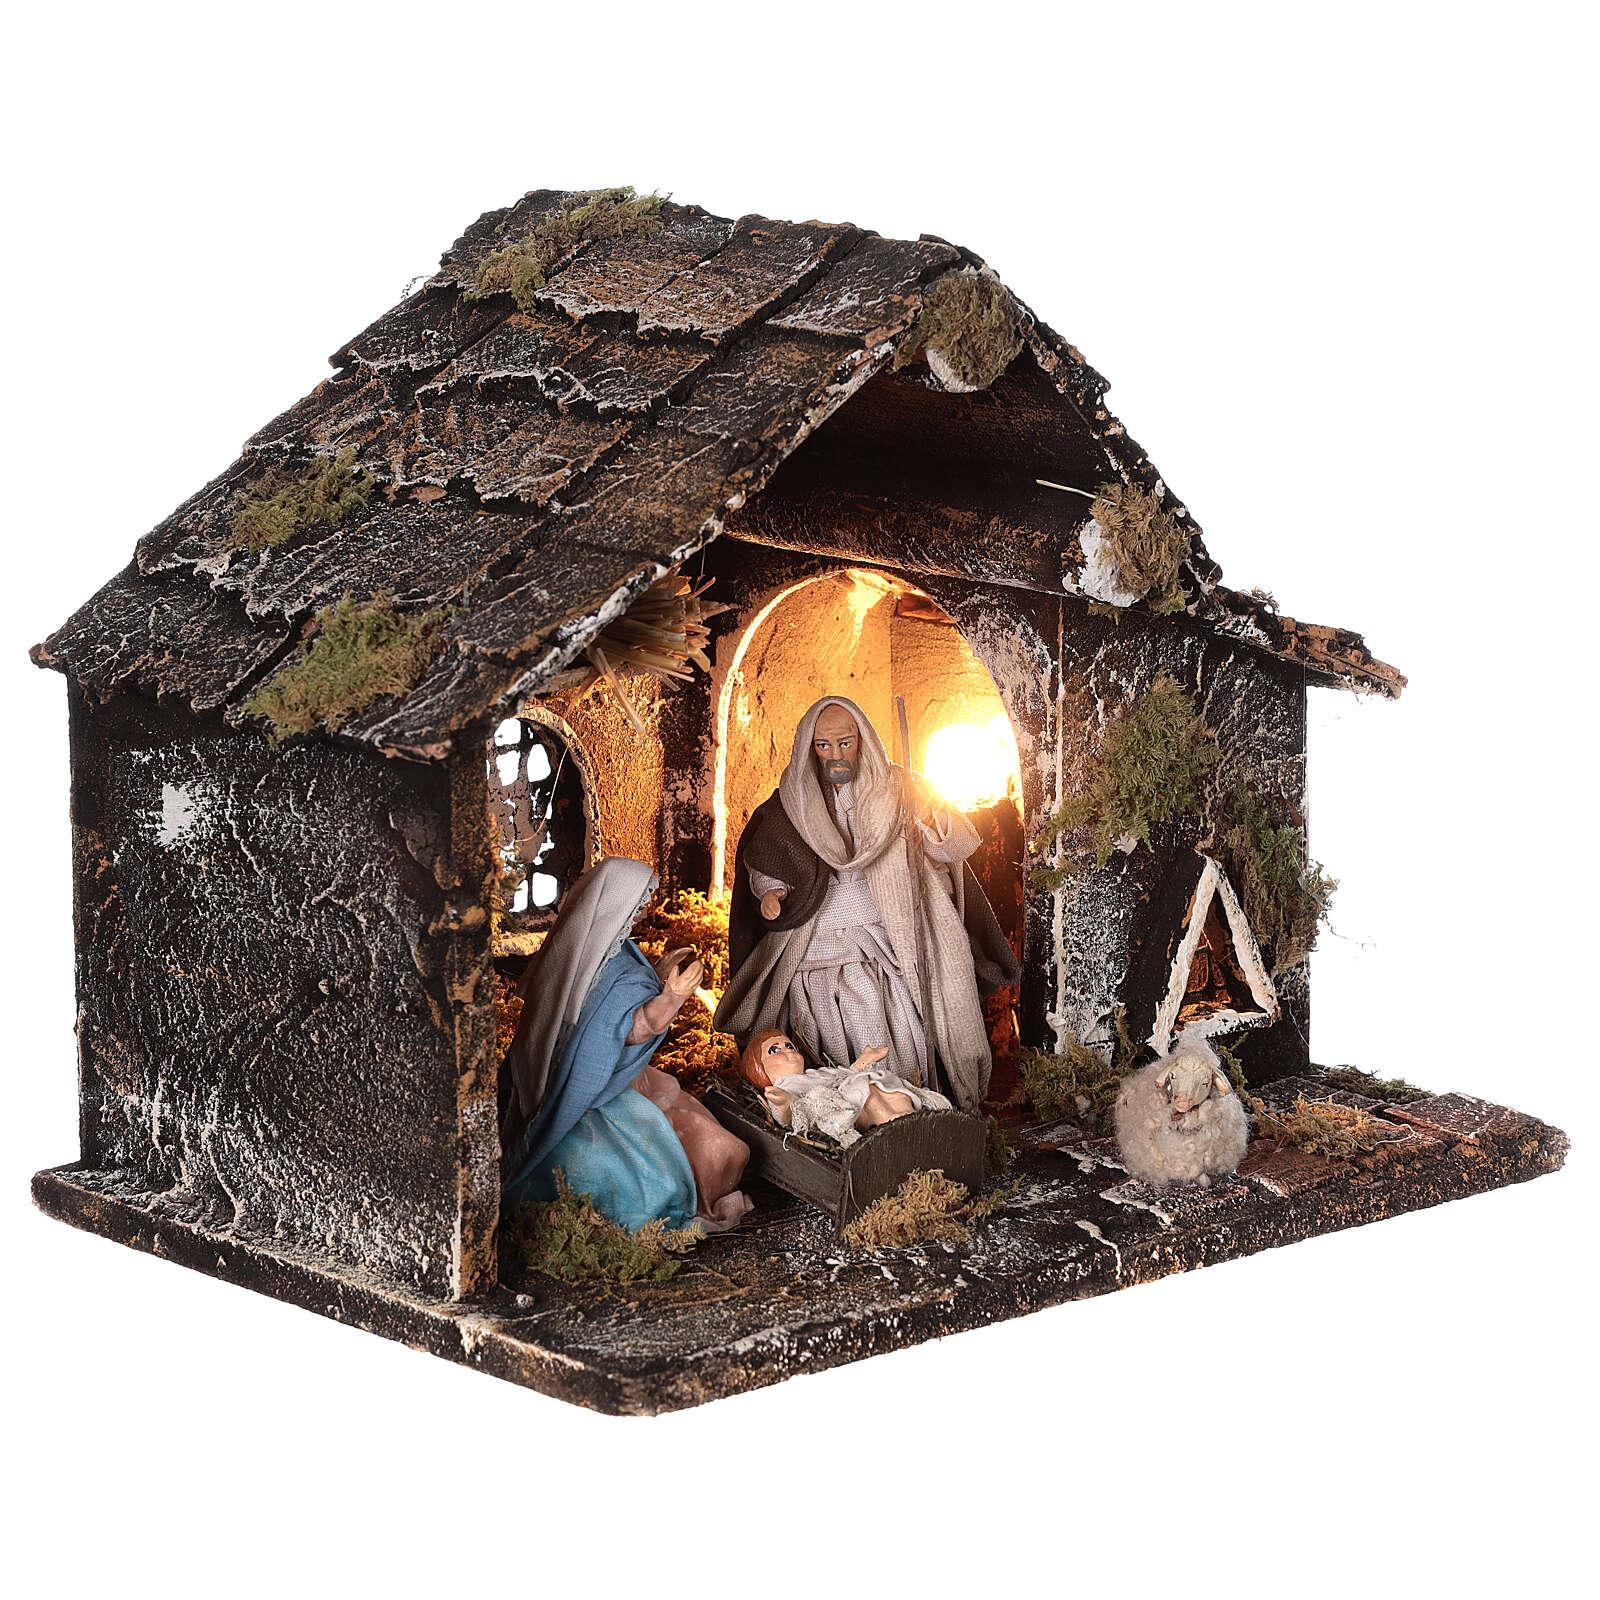 Cabana Natividade presépio napolitano figuras terracota altura média 12 cm; medidas: 25x31x20 cm 4